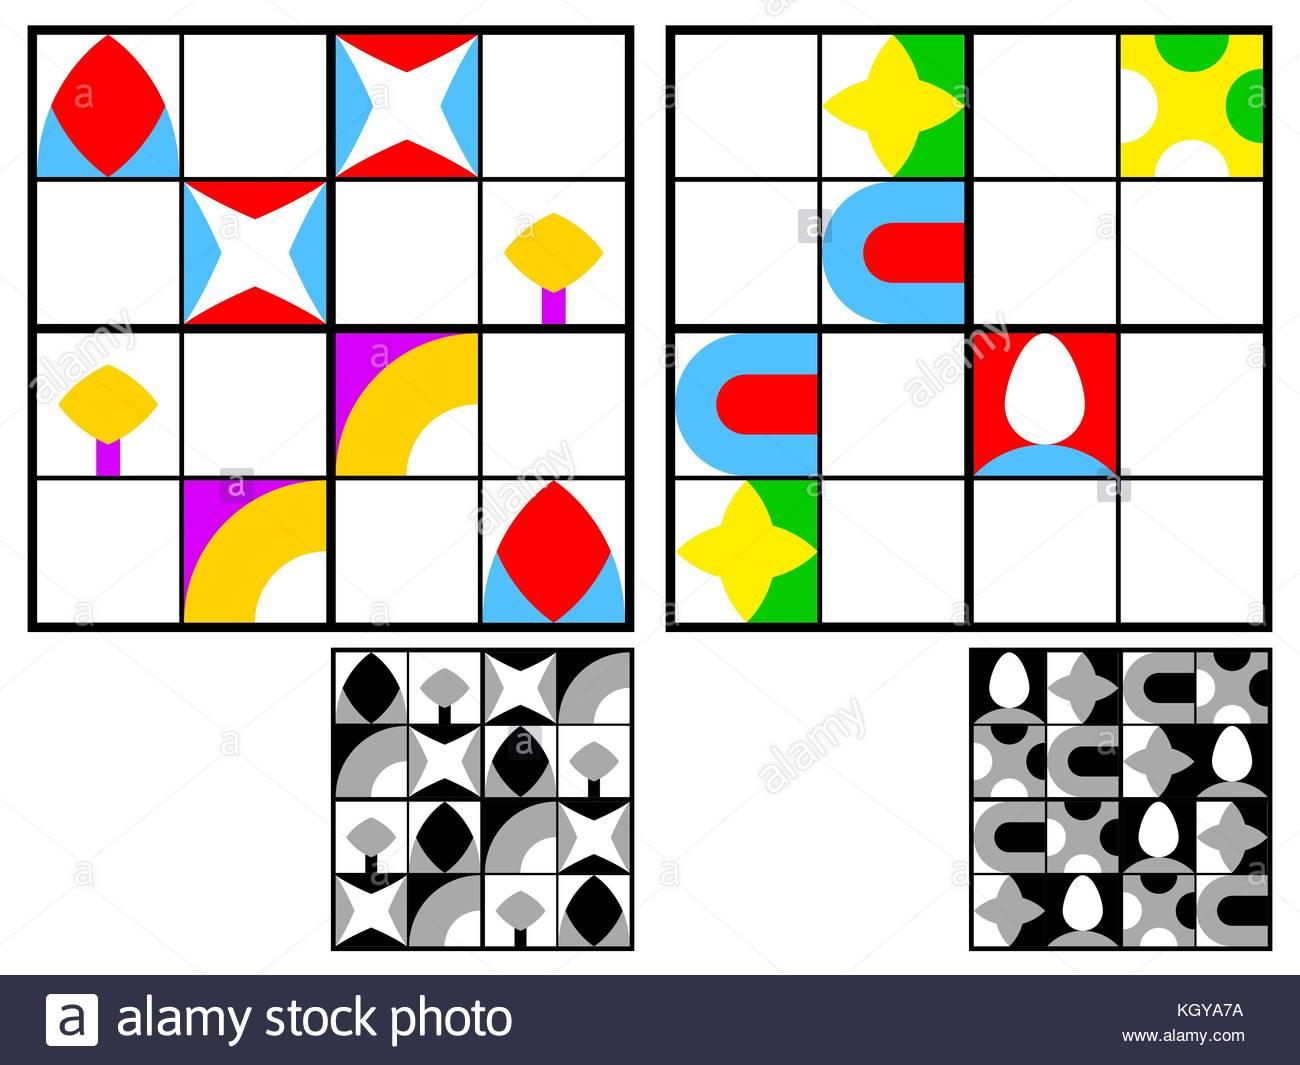 Jeu De Sudoku Pour Les Enfants Avec Des Images Géométriques encequiconcerne Jeu Logique Enfant